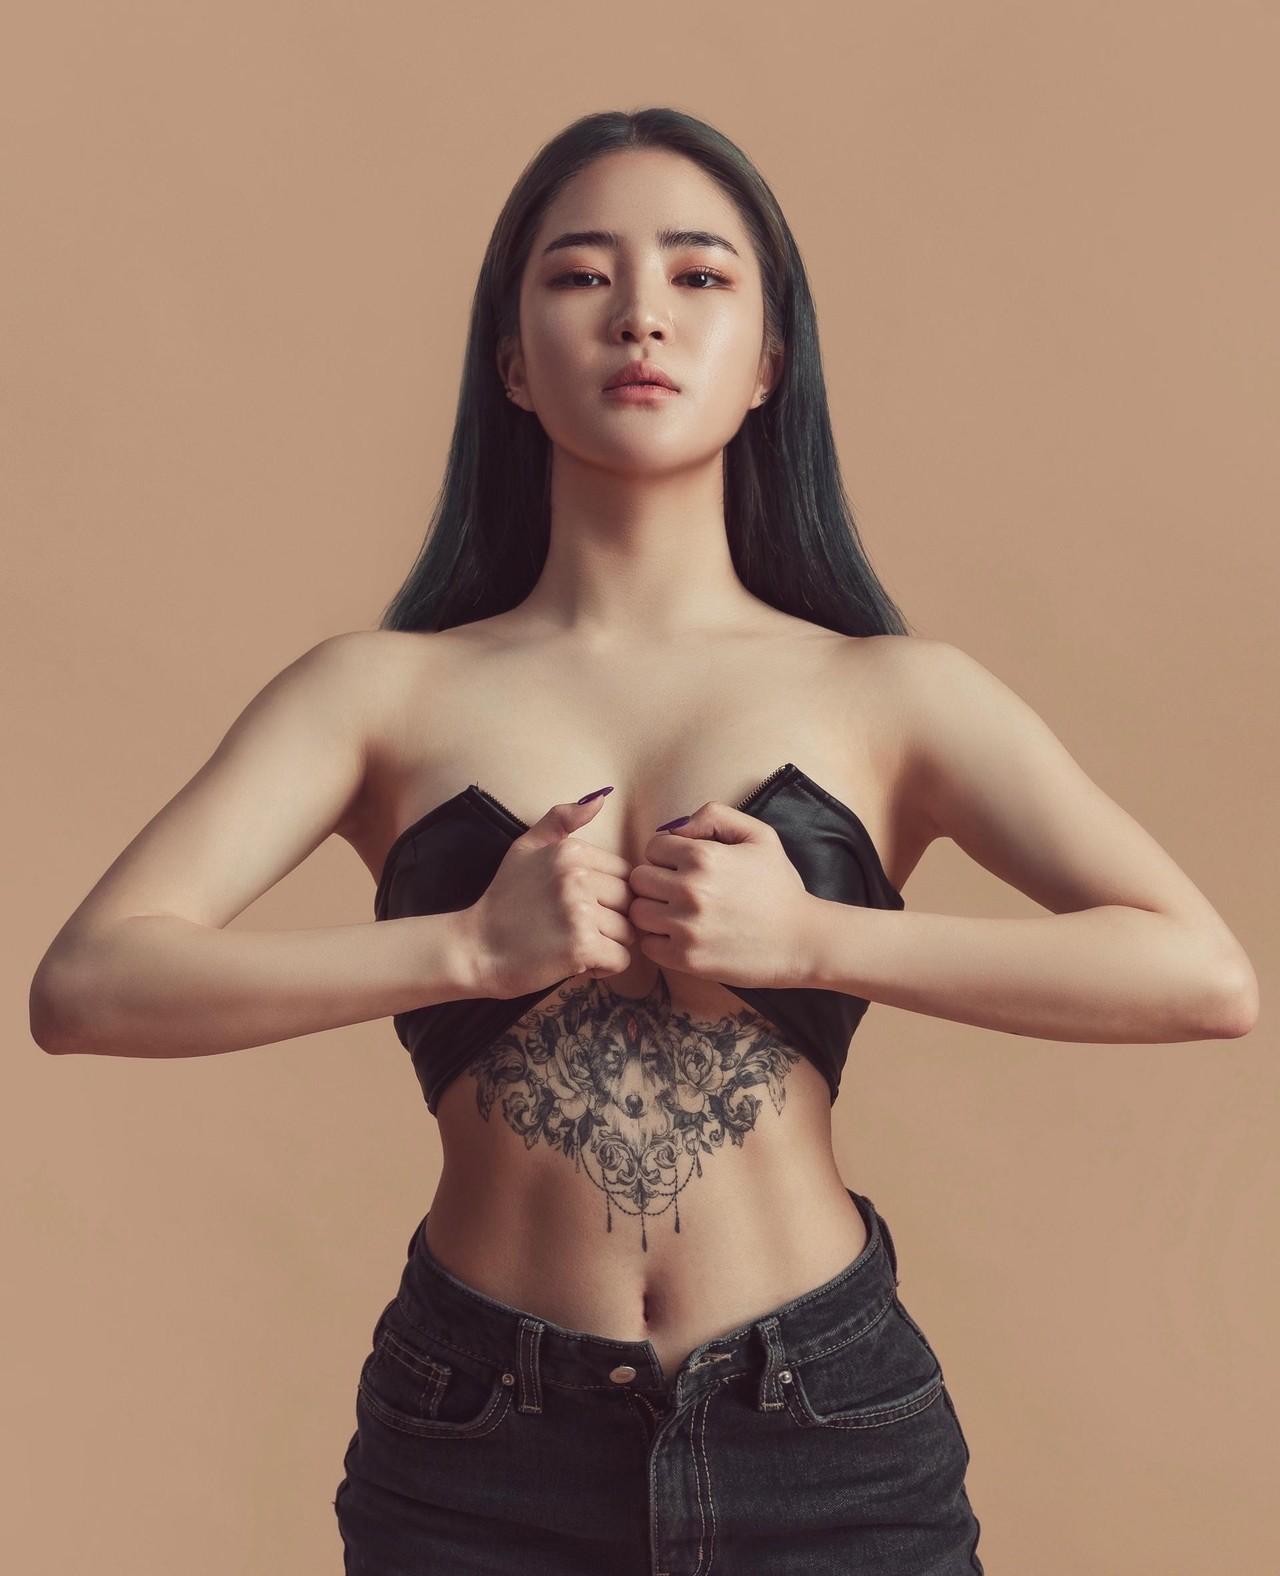 김하정 하찌 HAZZI<br>1997<br>162 32-24-35 235